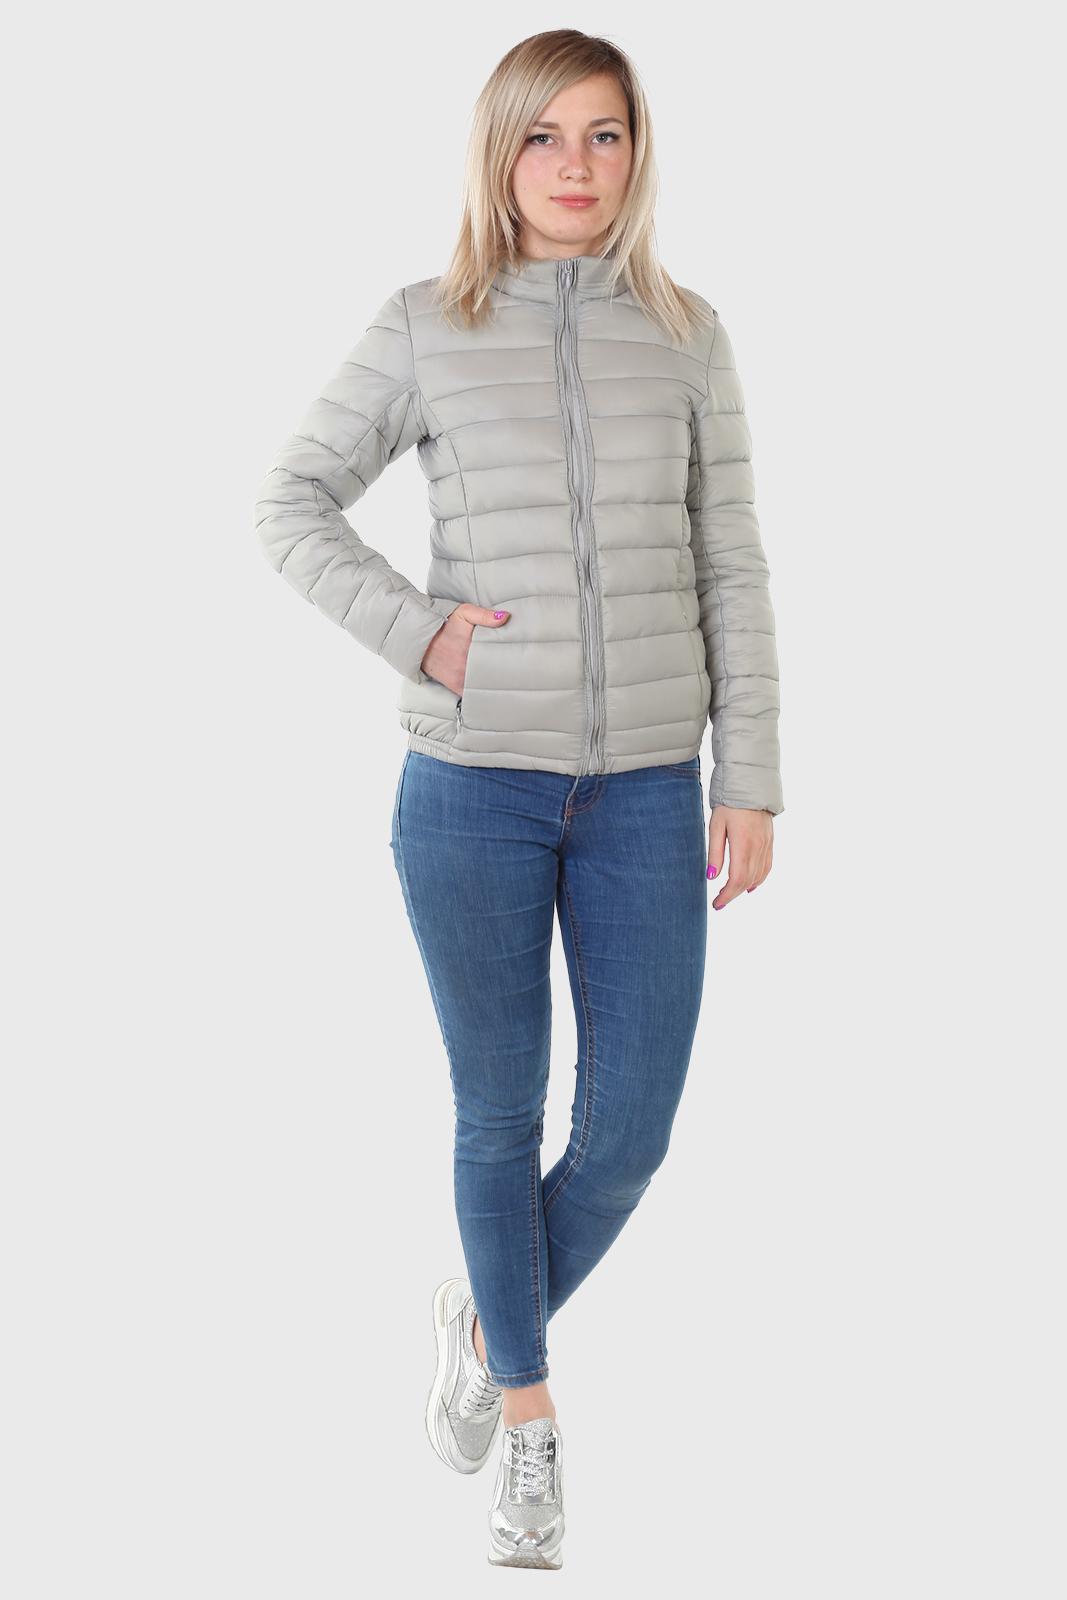 Стеганая молодежная куртка для девушки